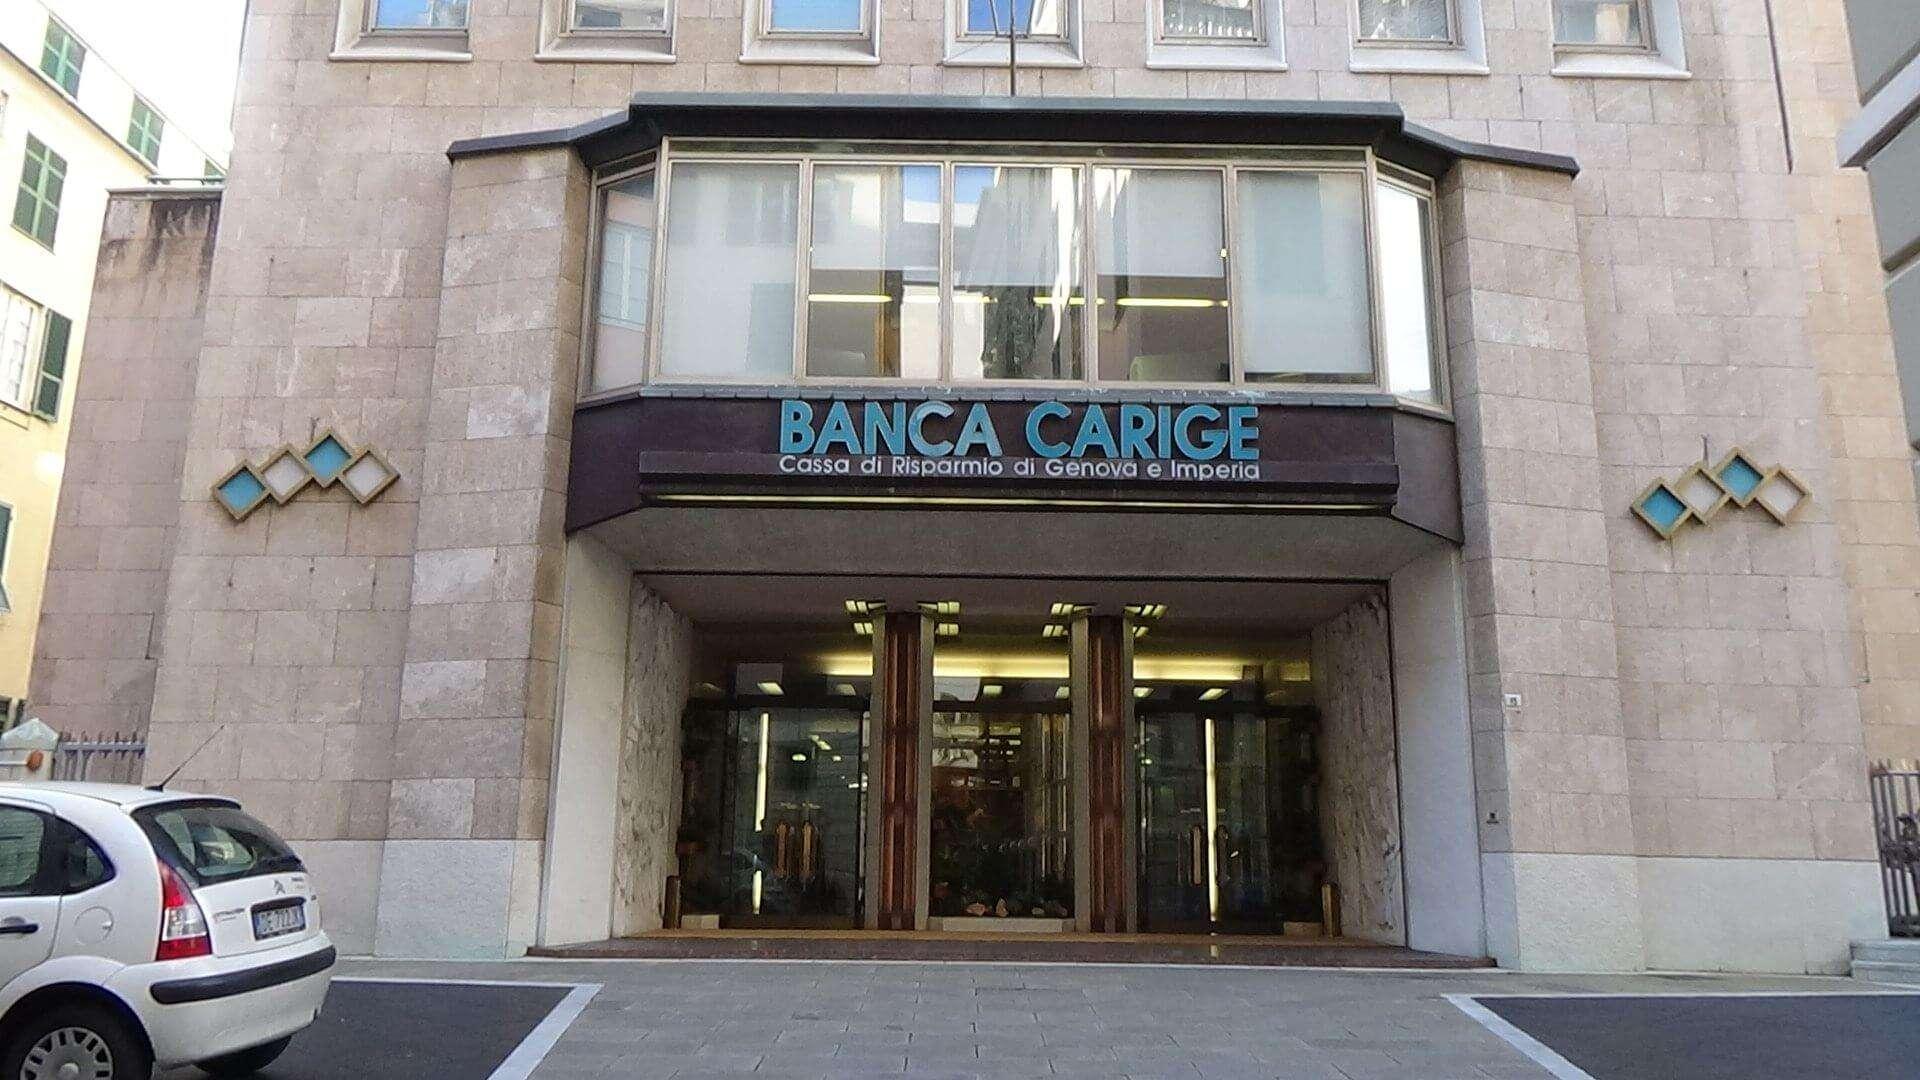 Banca Carige, via libera alla fusione di Cesare Ponti